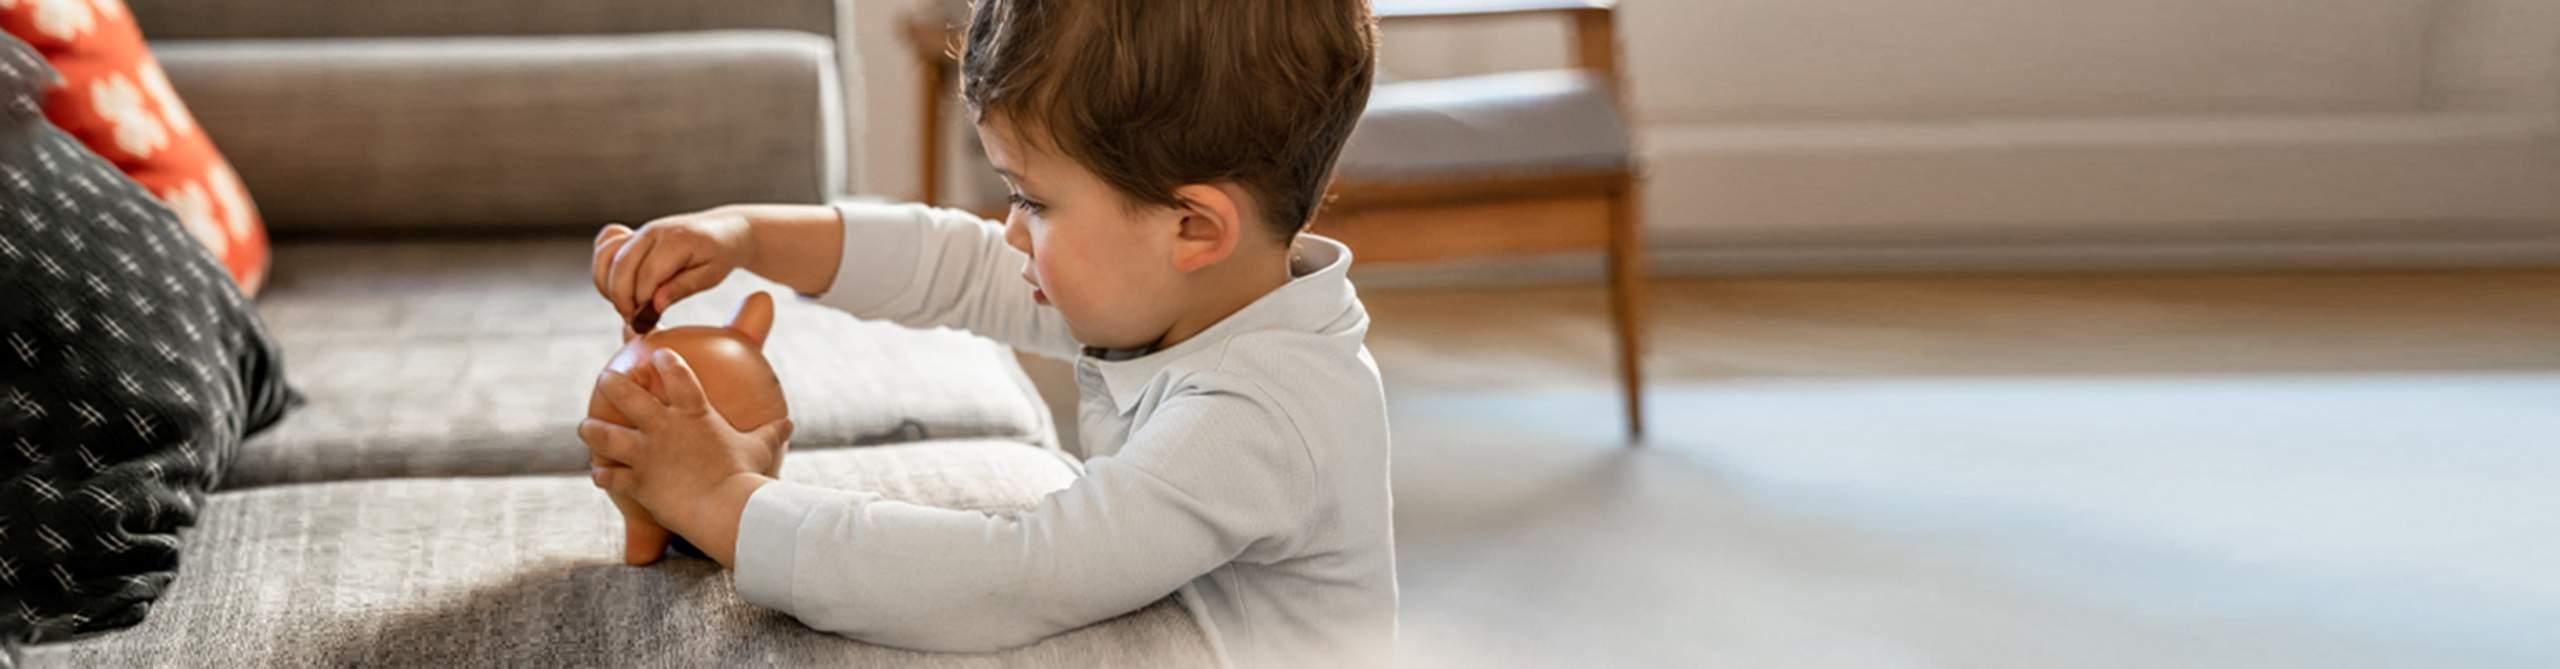 Kind tut eine Münze in eine Spardose.